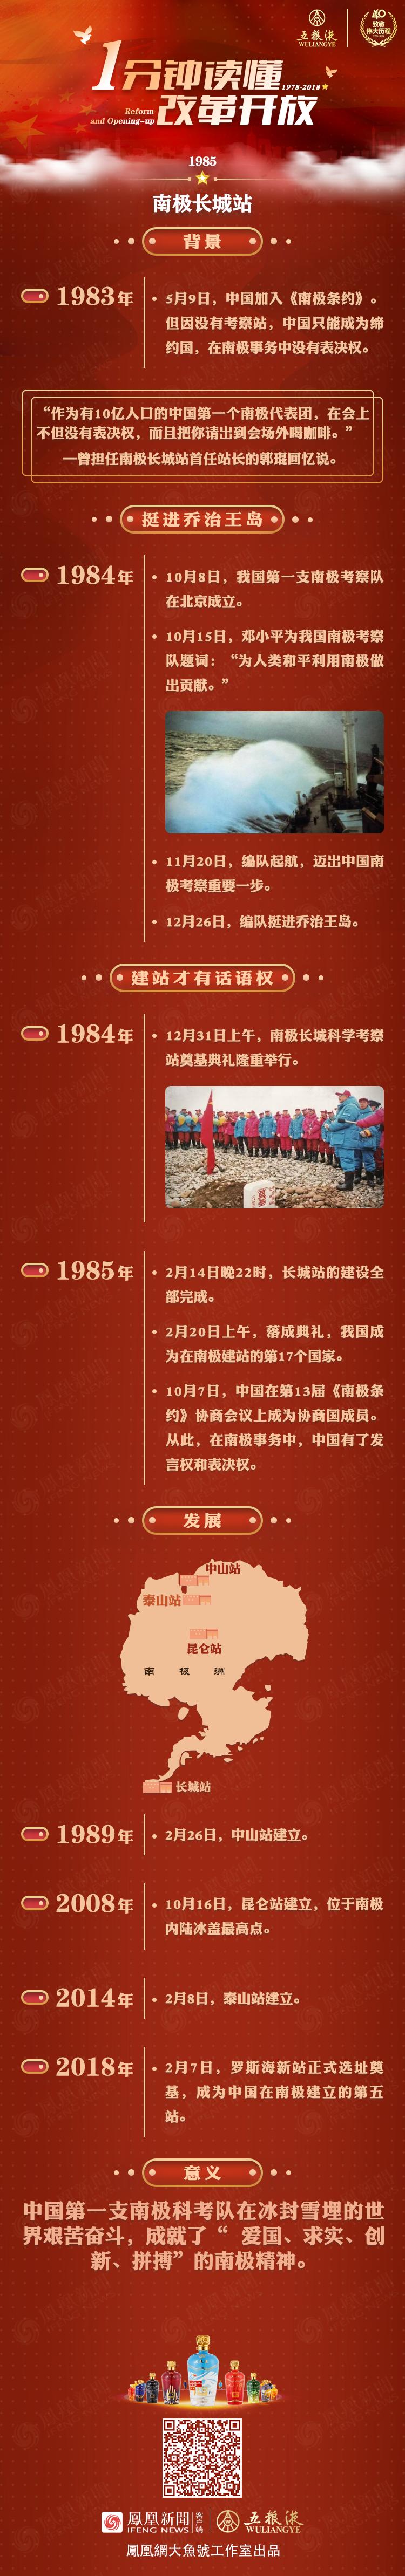 建站才有话语权!中国南极科考第一站